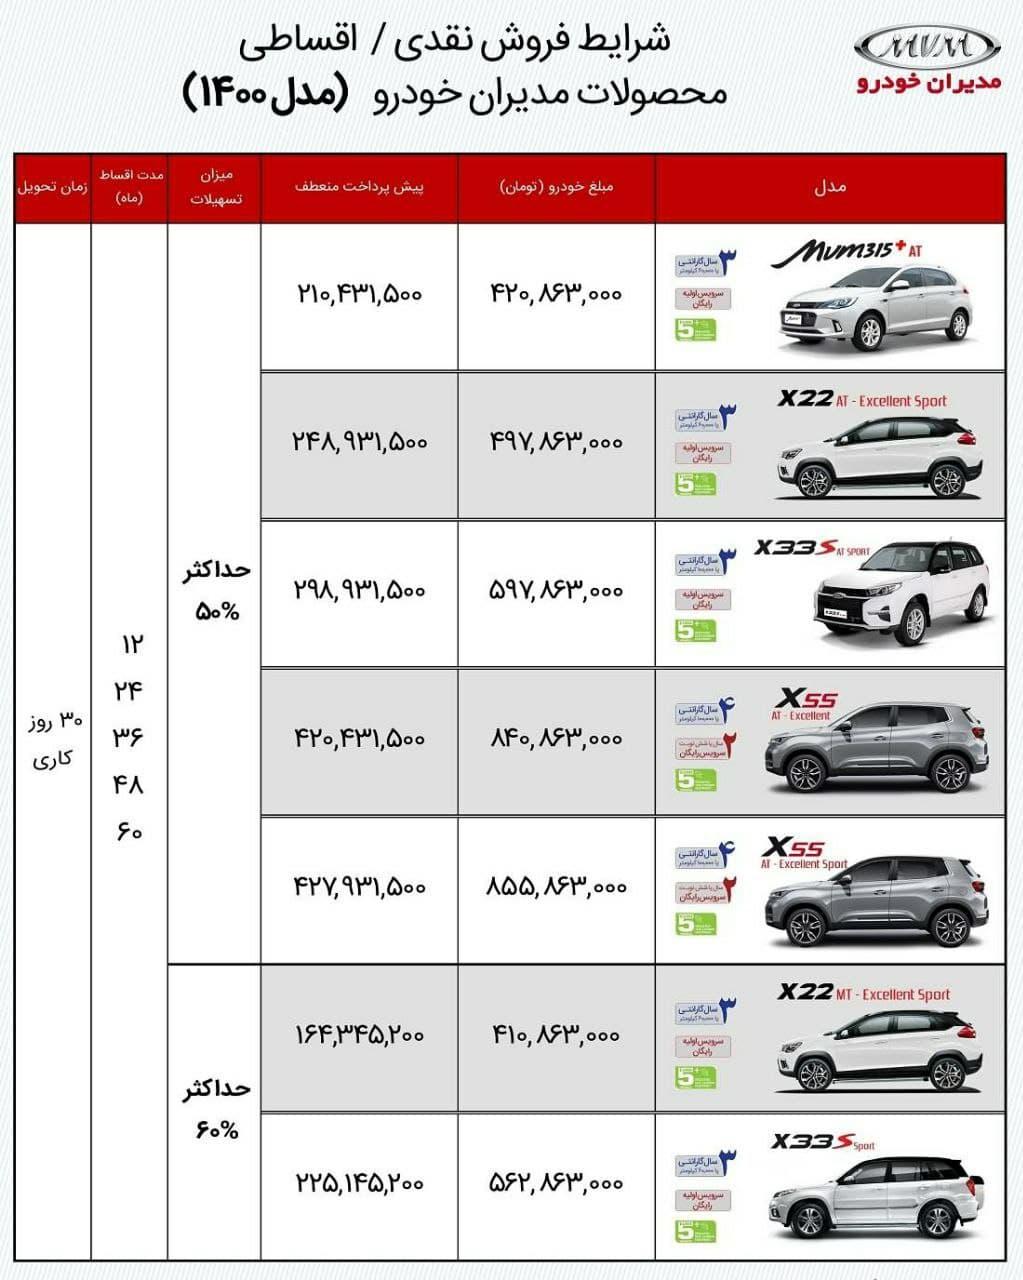 فروش اقساطی مدیران خودرو ویژه ماه رمضان